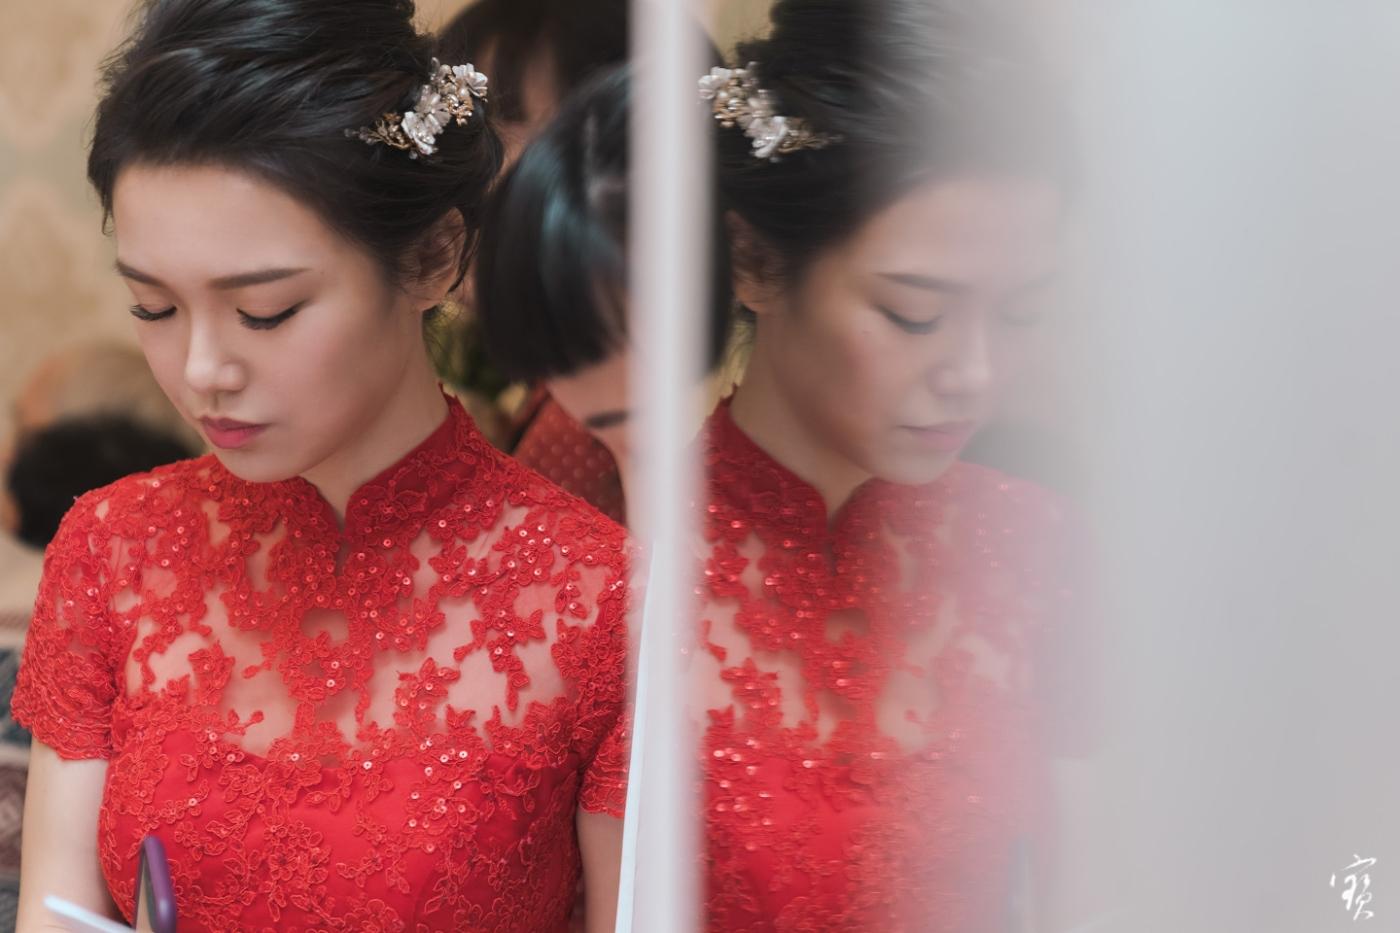 婚禮攝影 婚紗 大直 典華 冬半影像 攝影師大寶 北部攝影 台北攝影 桃園攝影 新竹攝影20181208-80